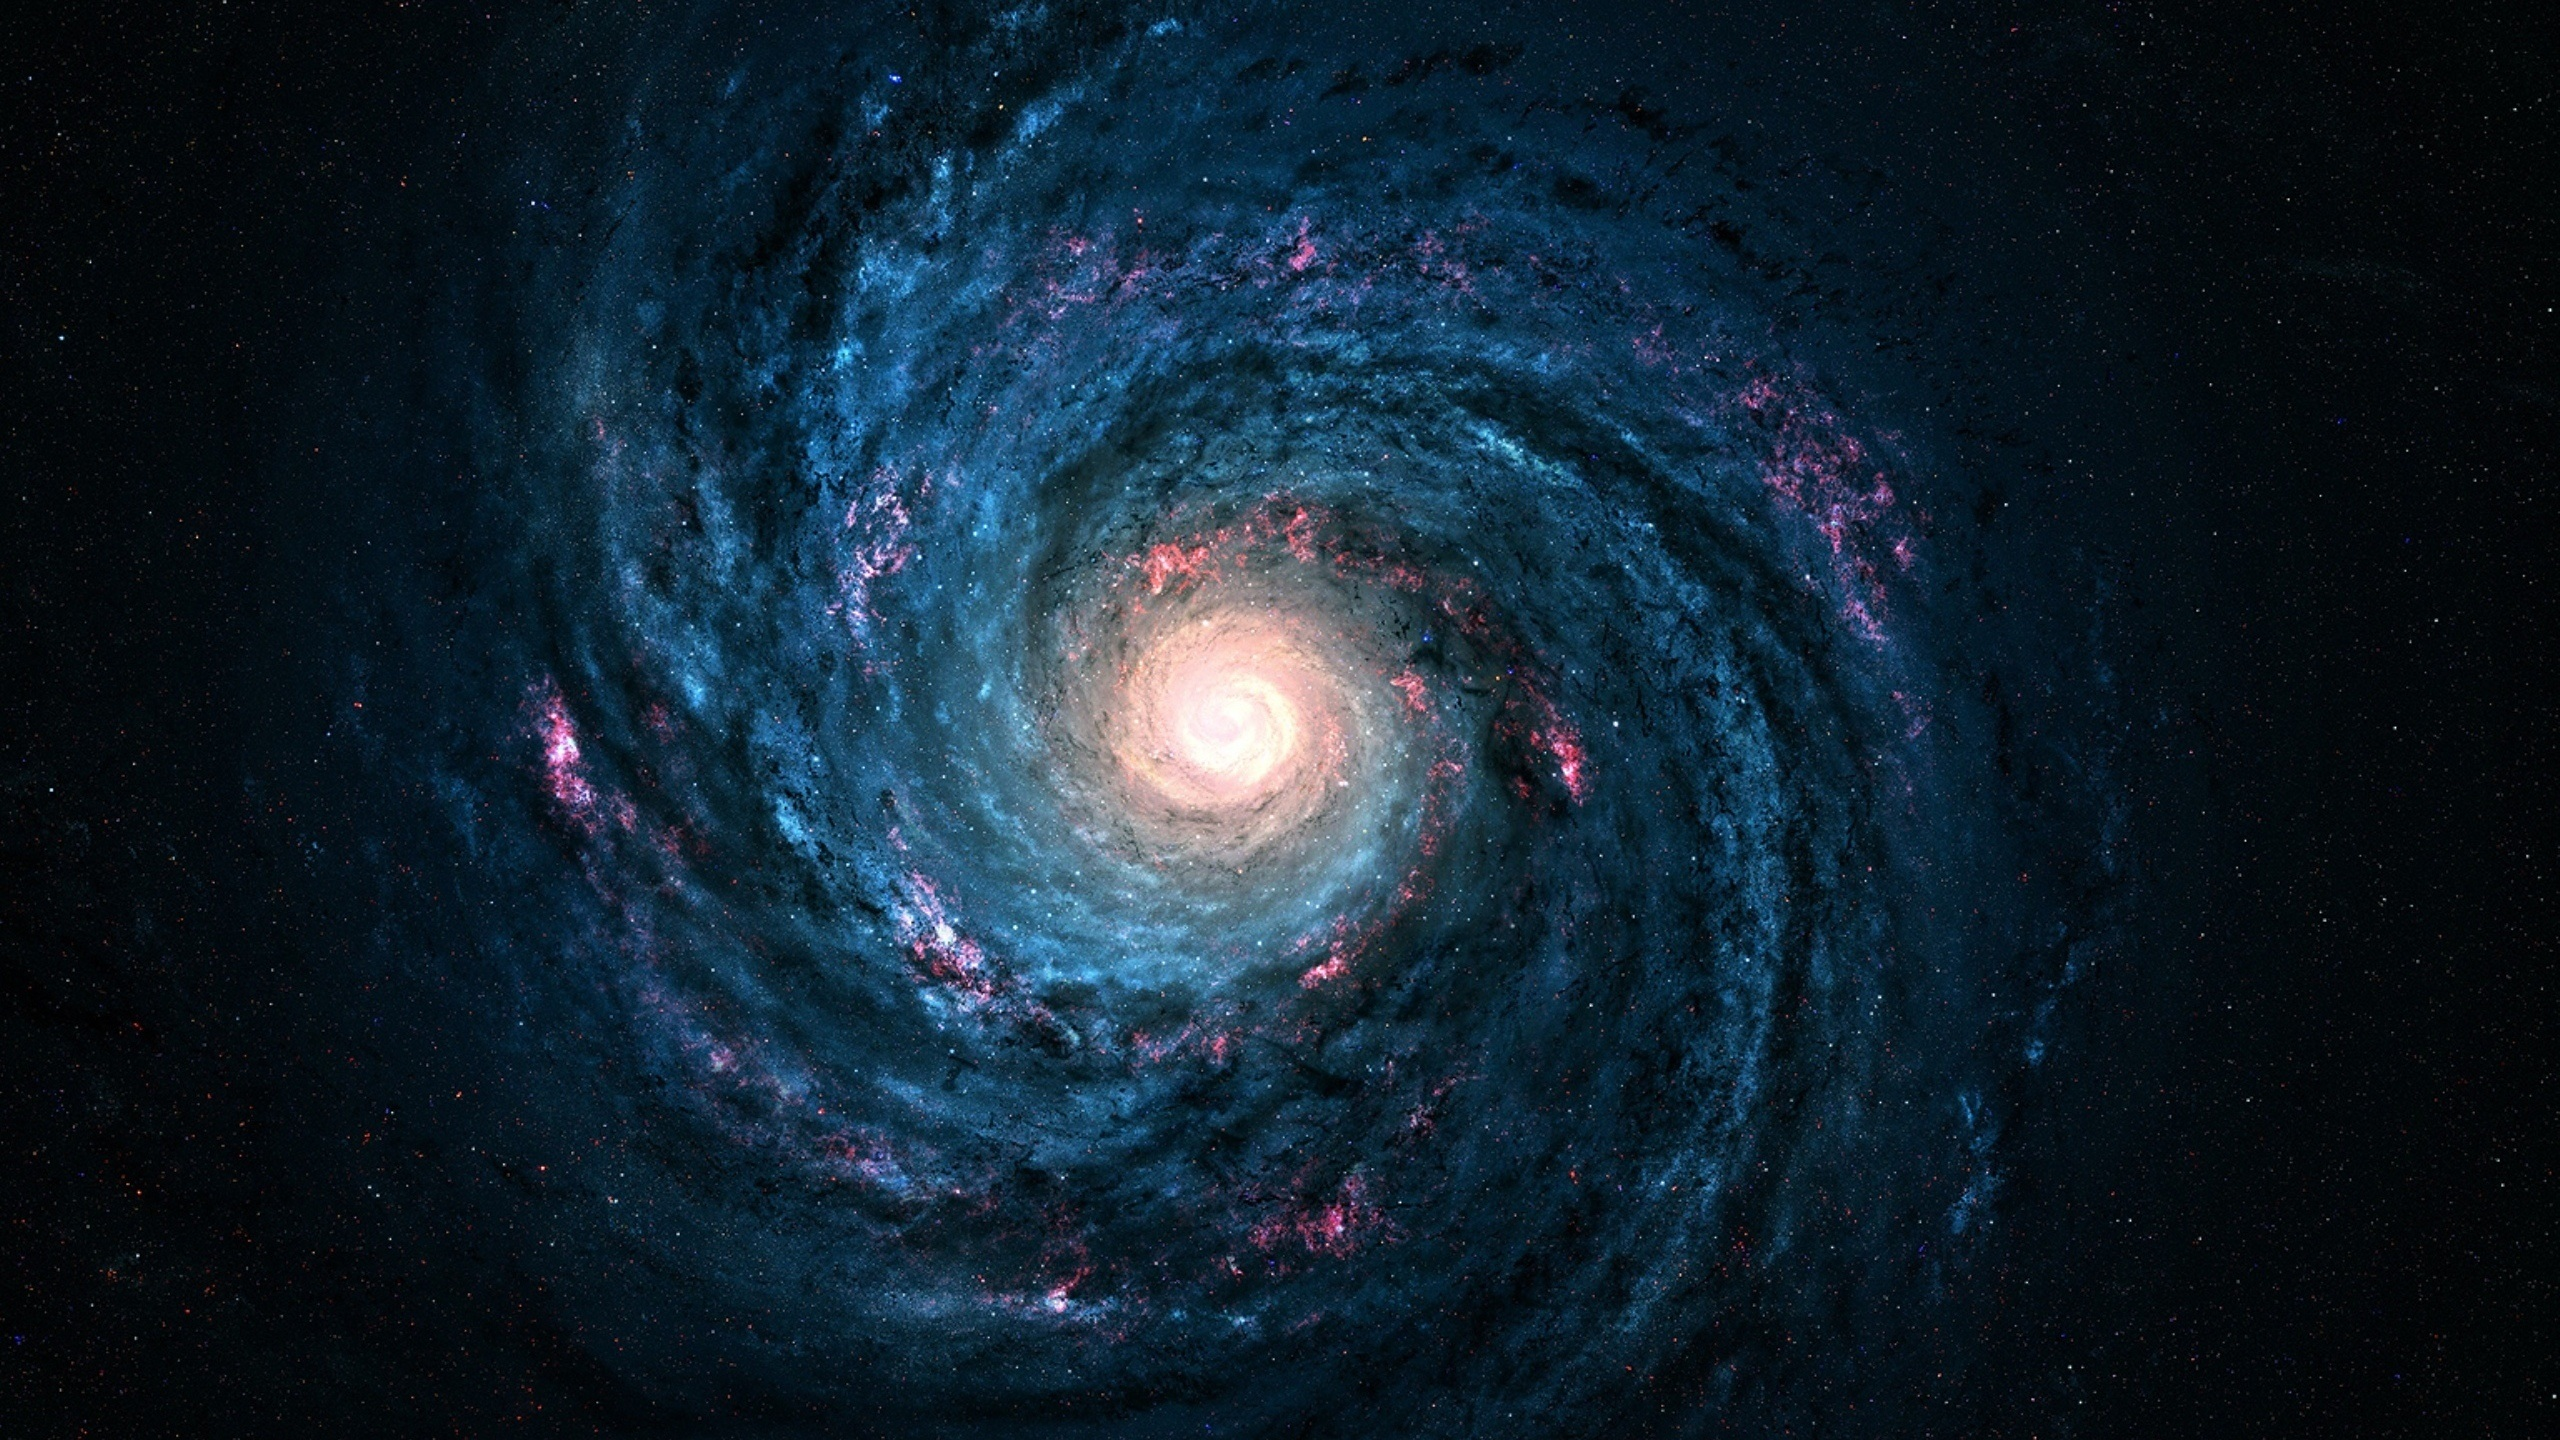 Voie lact e galaxie toiles l 39 ternit bel espace for Fond ecran qhd